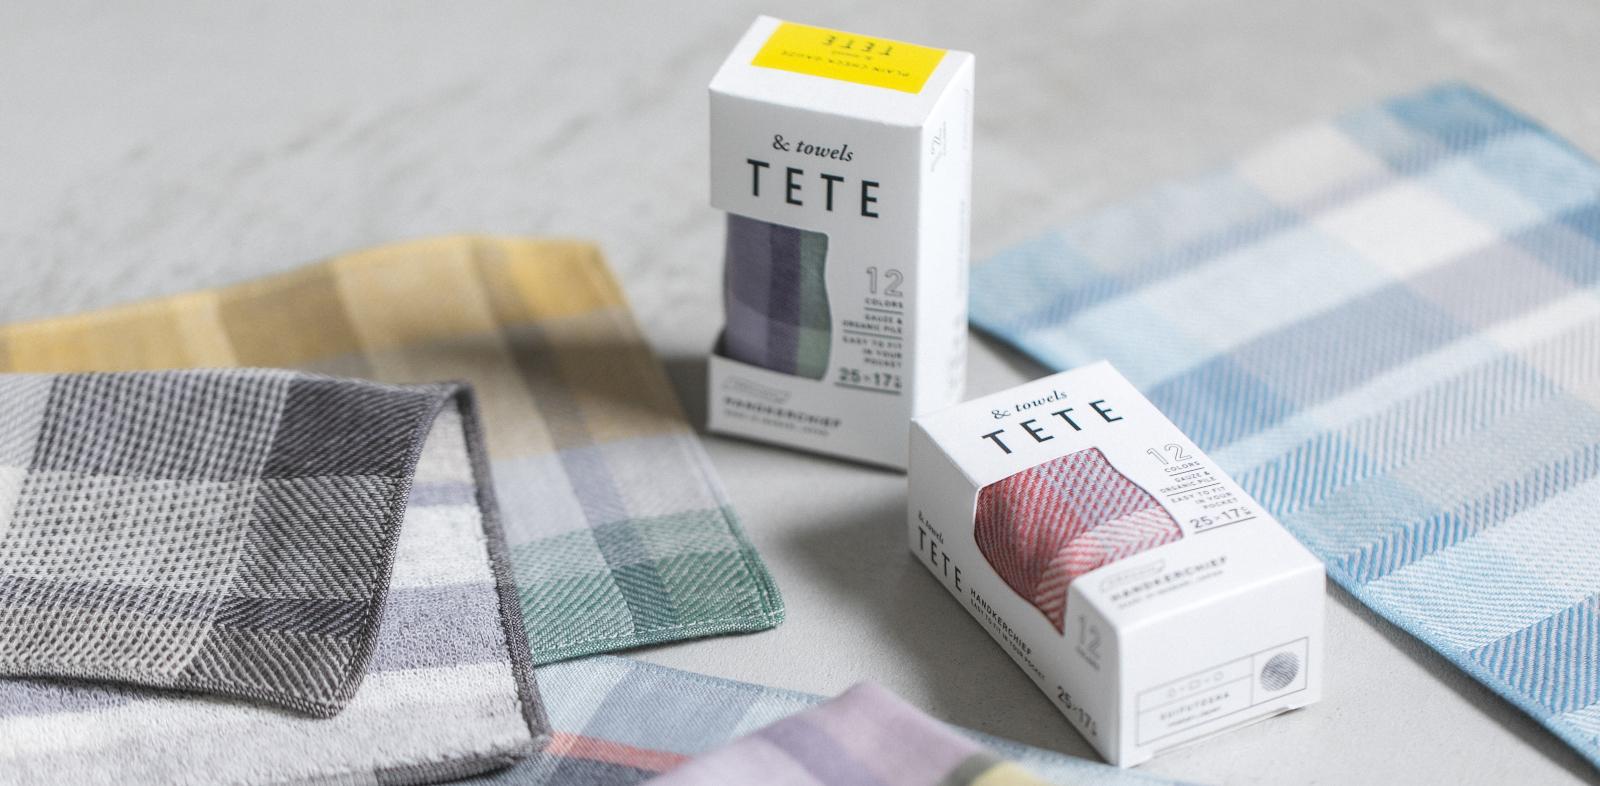 teteタオルハンカチ商品画像